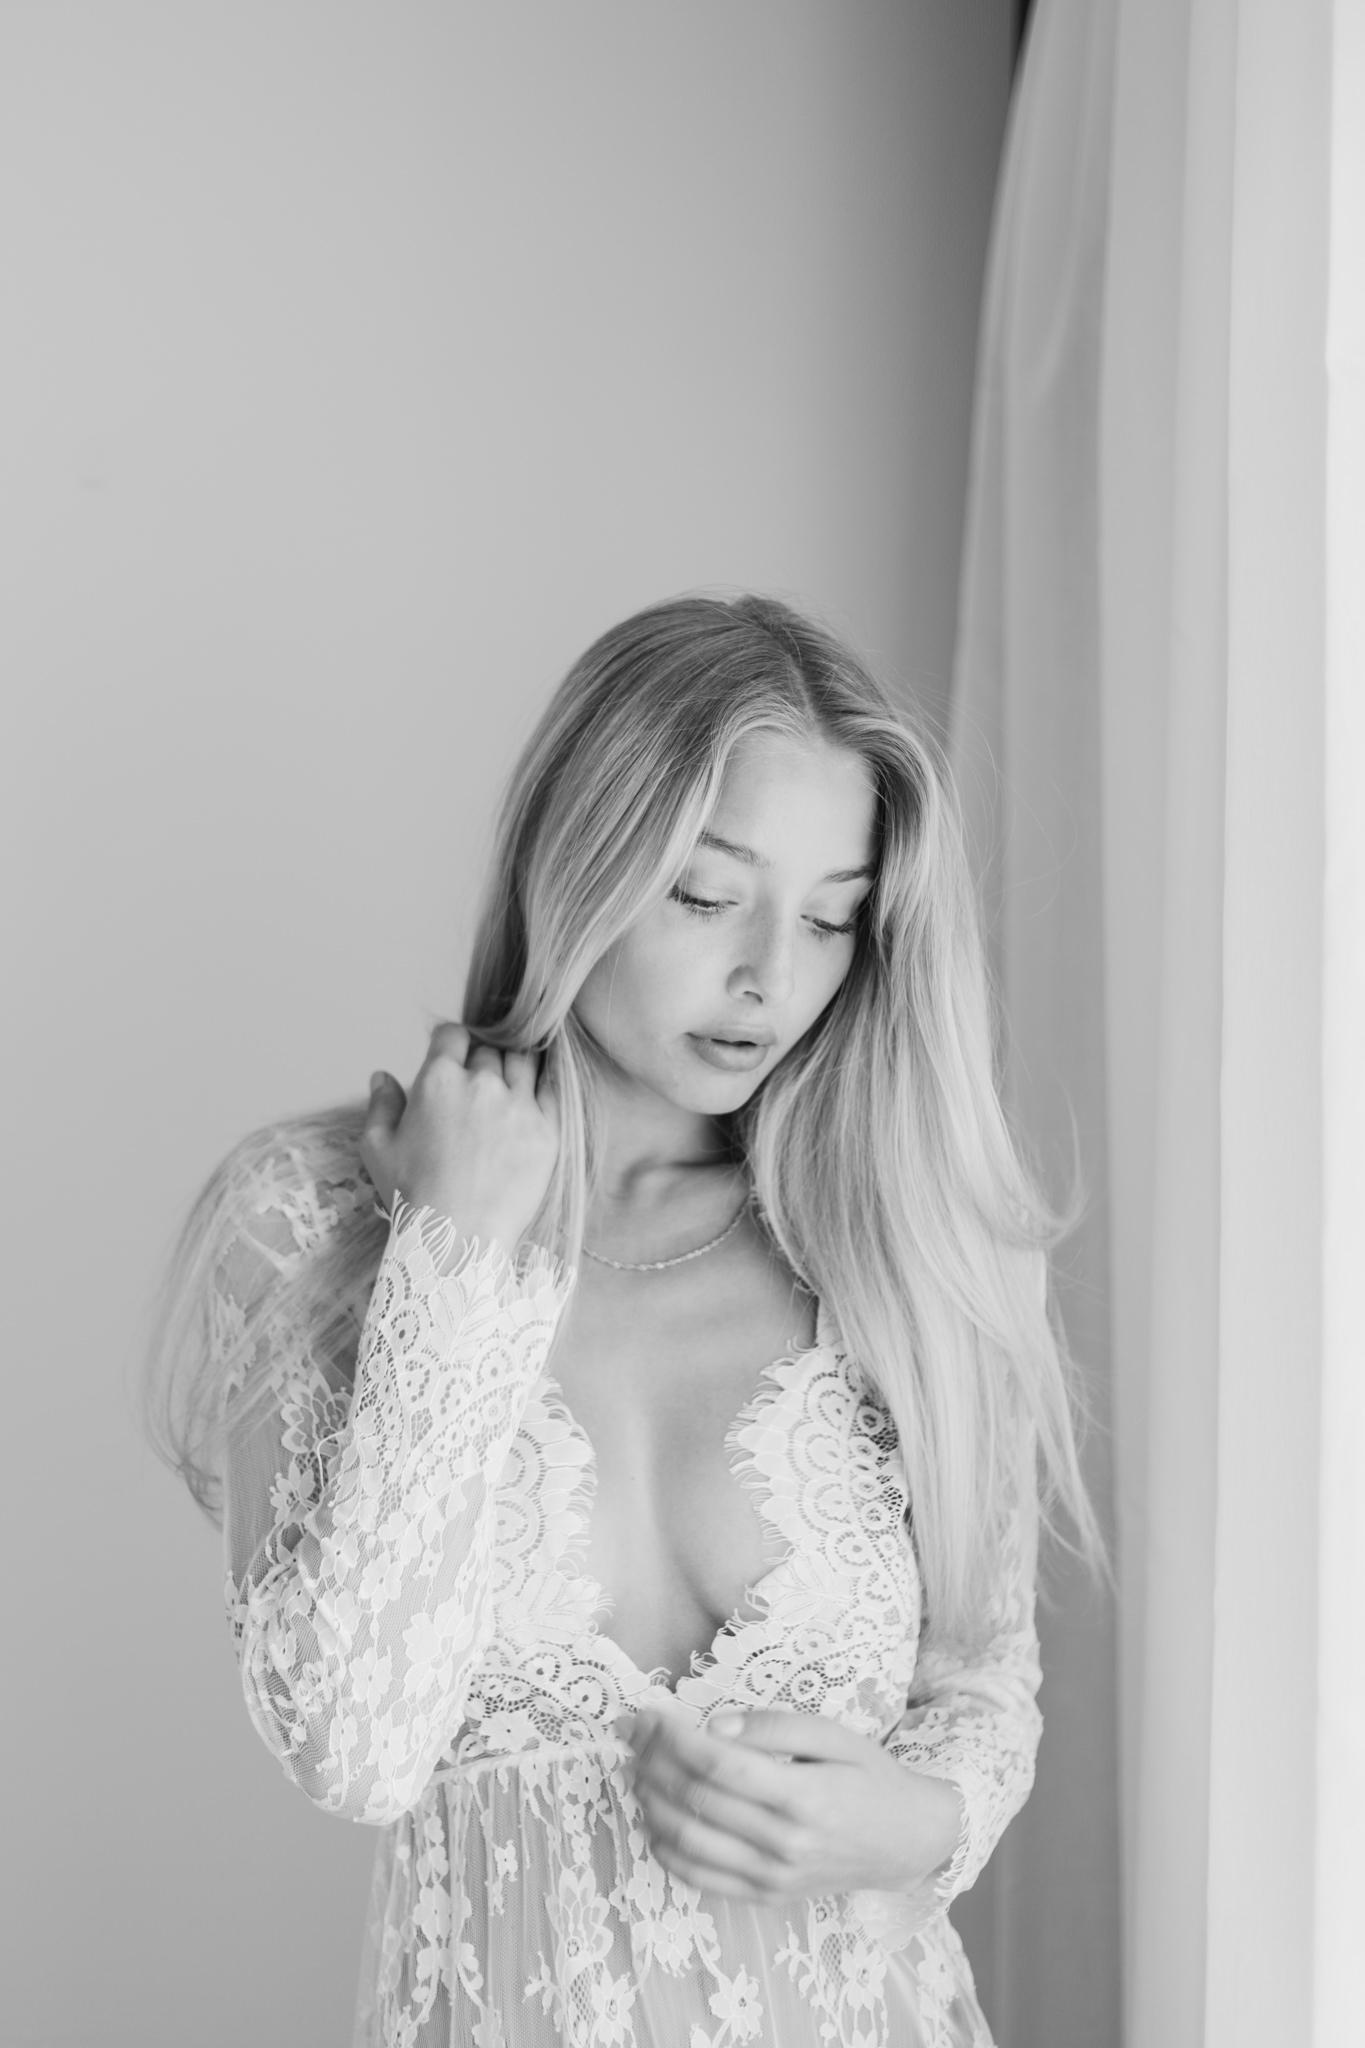 Boudoirfotograf i Stockholm